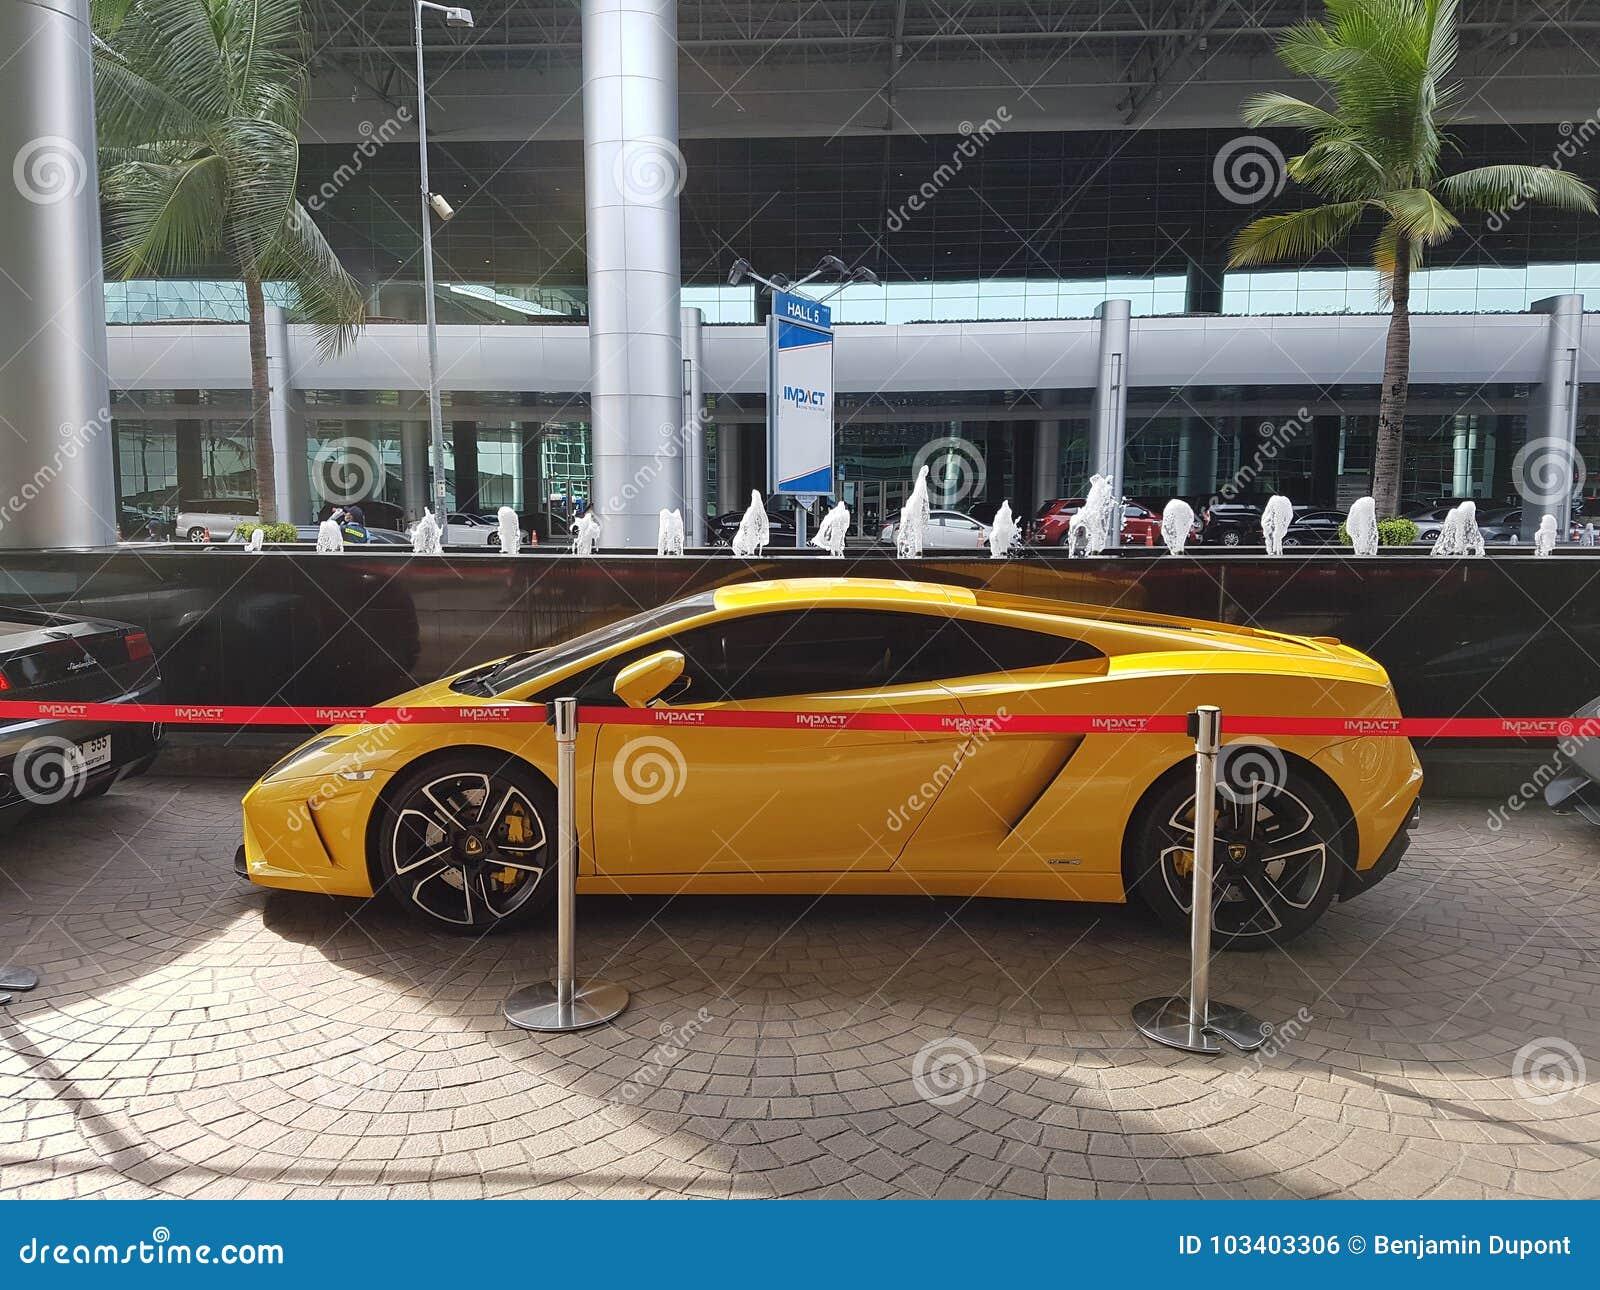 Amarillo Del Cupe De Lamborghini Gallardo Squadra Corse Foto